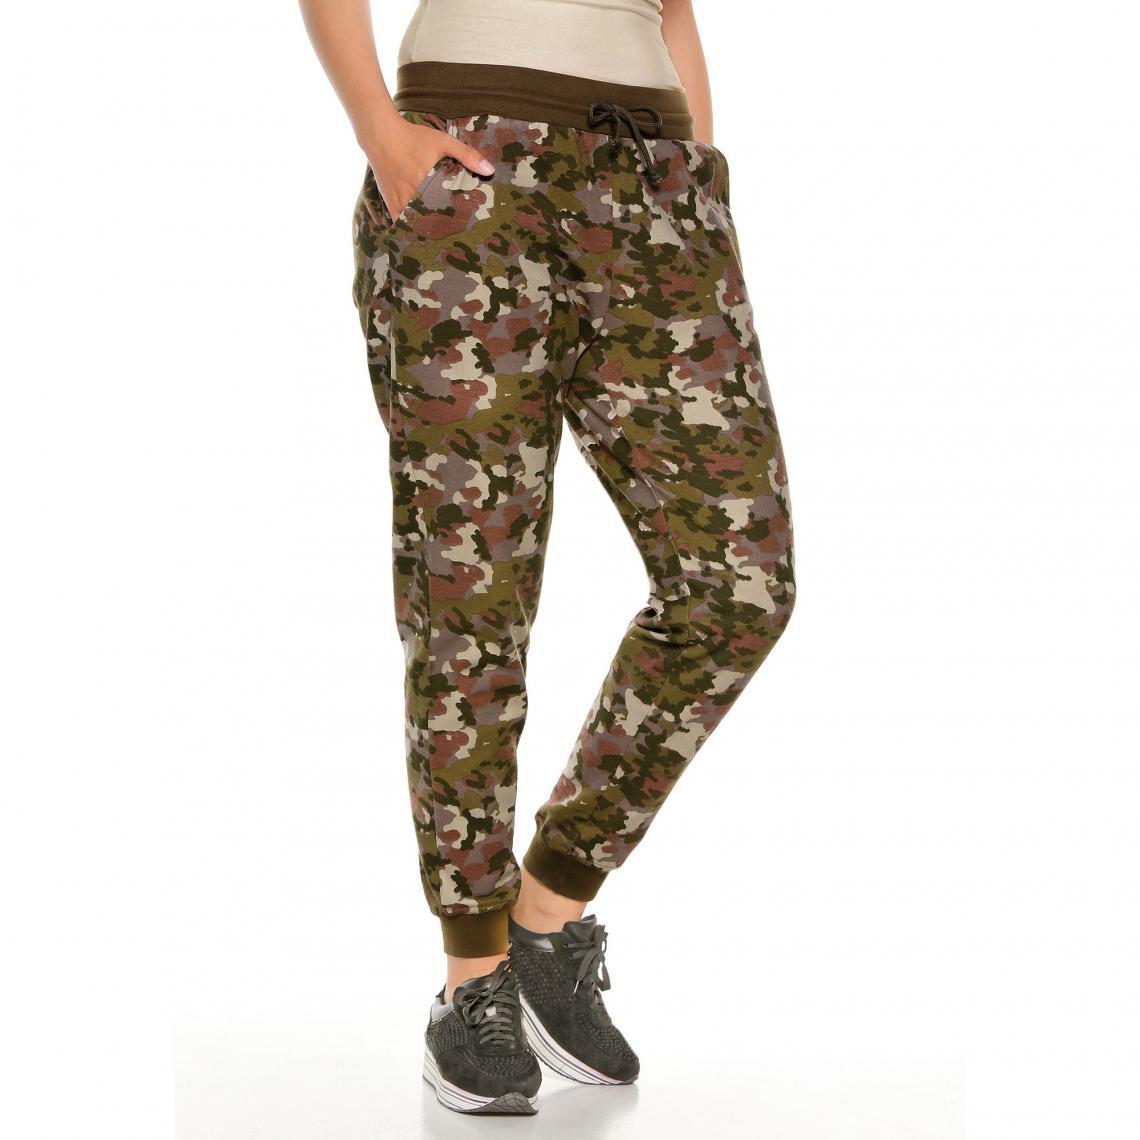 2b3adfeb643 Pantalon jogging imprimé camouflage grandes tailles femme - Imprimé ...